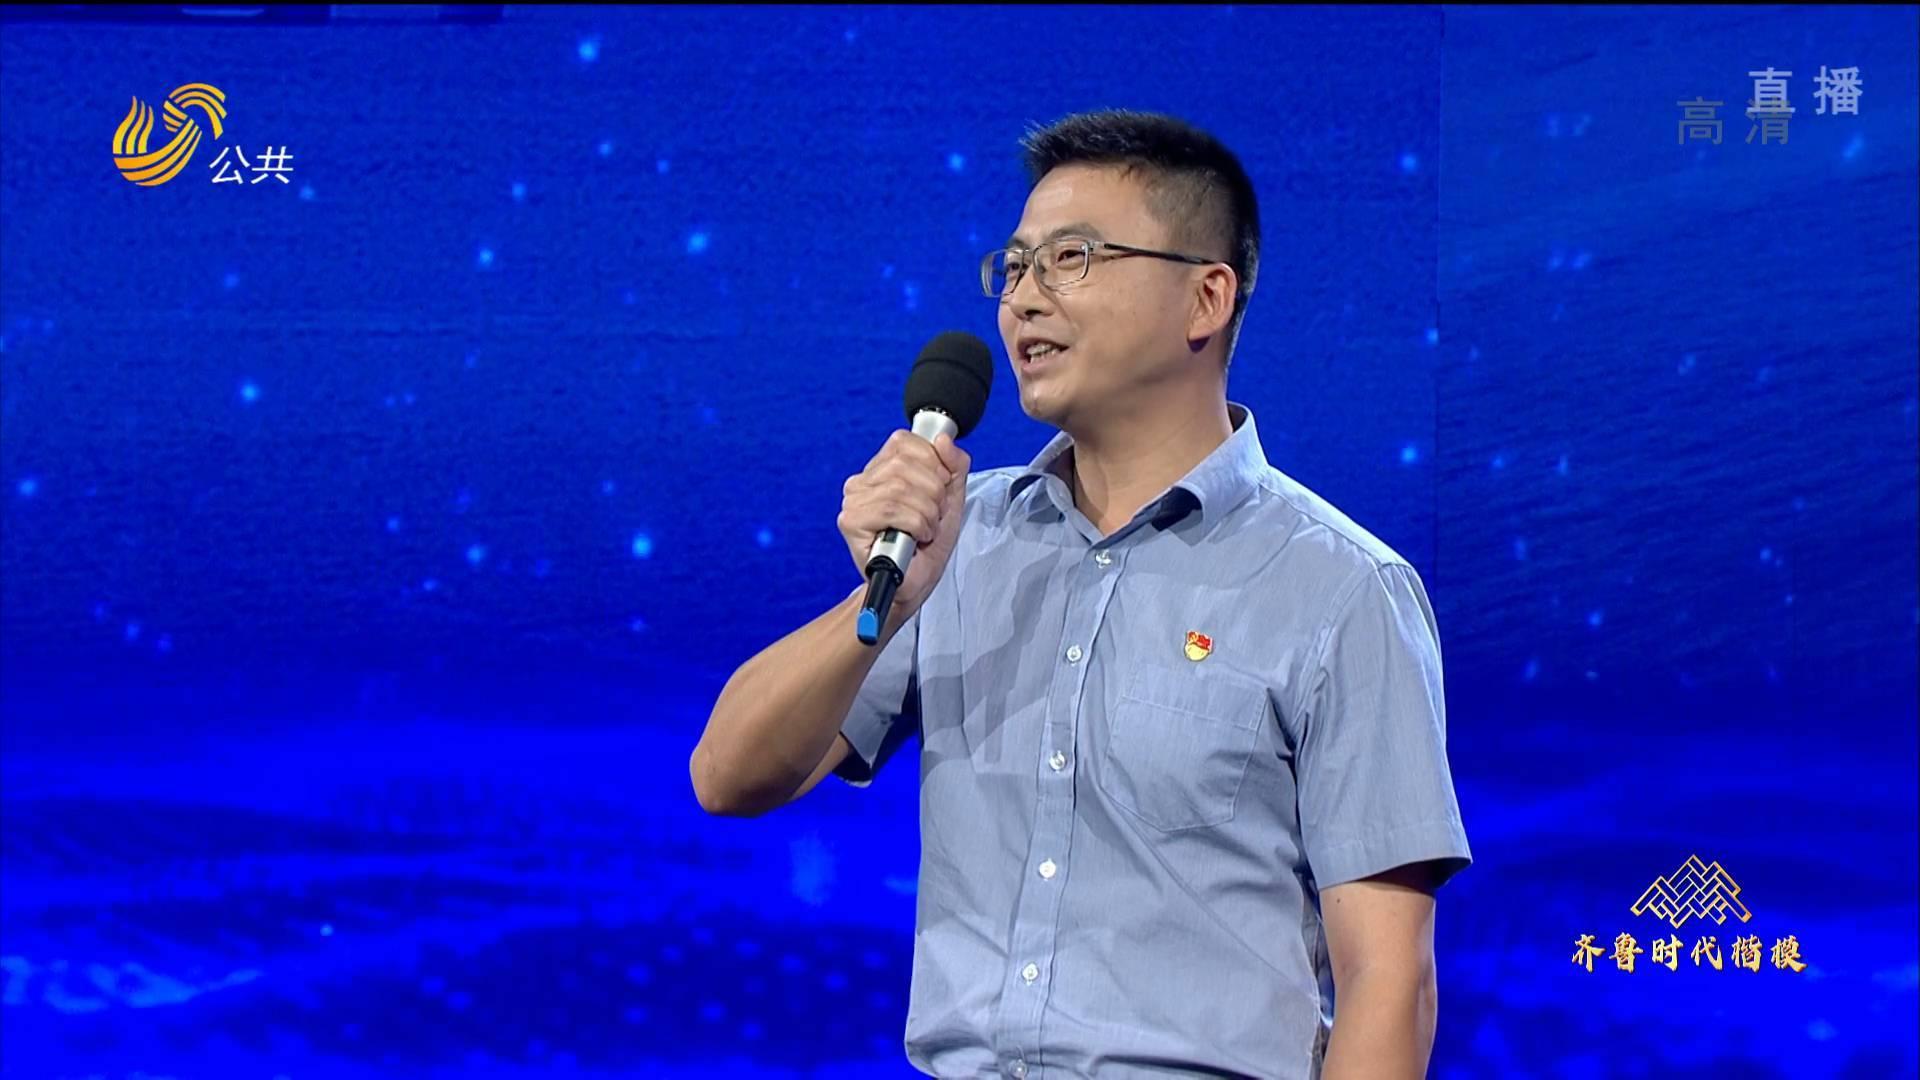 """齐鲁时代楷模 """"连钢创新团队""""李波:用数字证明中国能行,连续五次打破世界记录"""